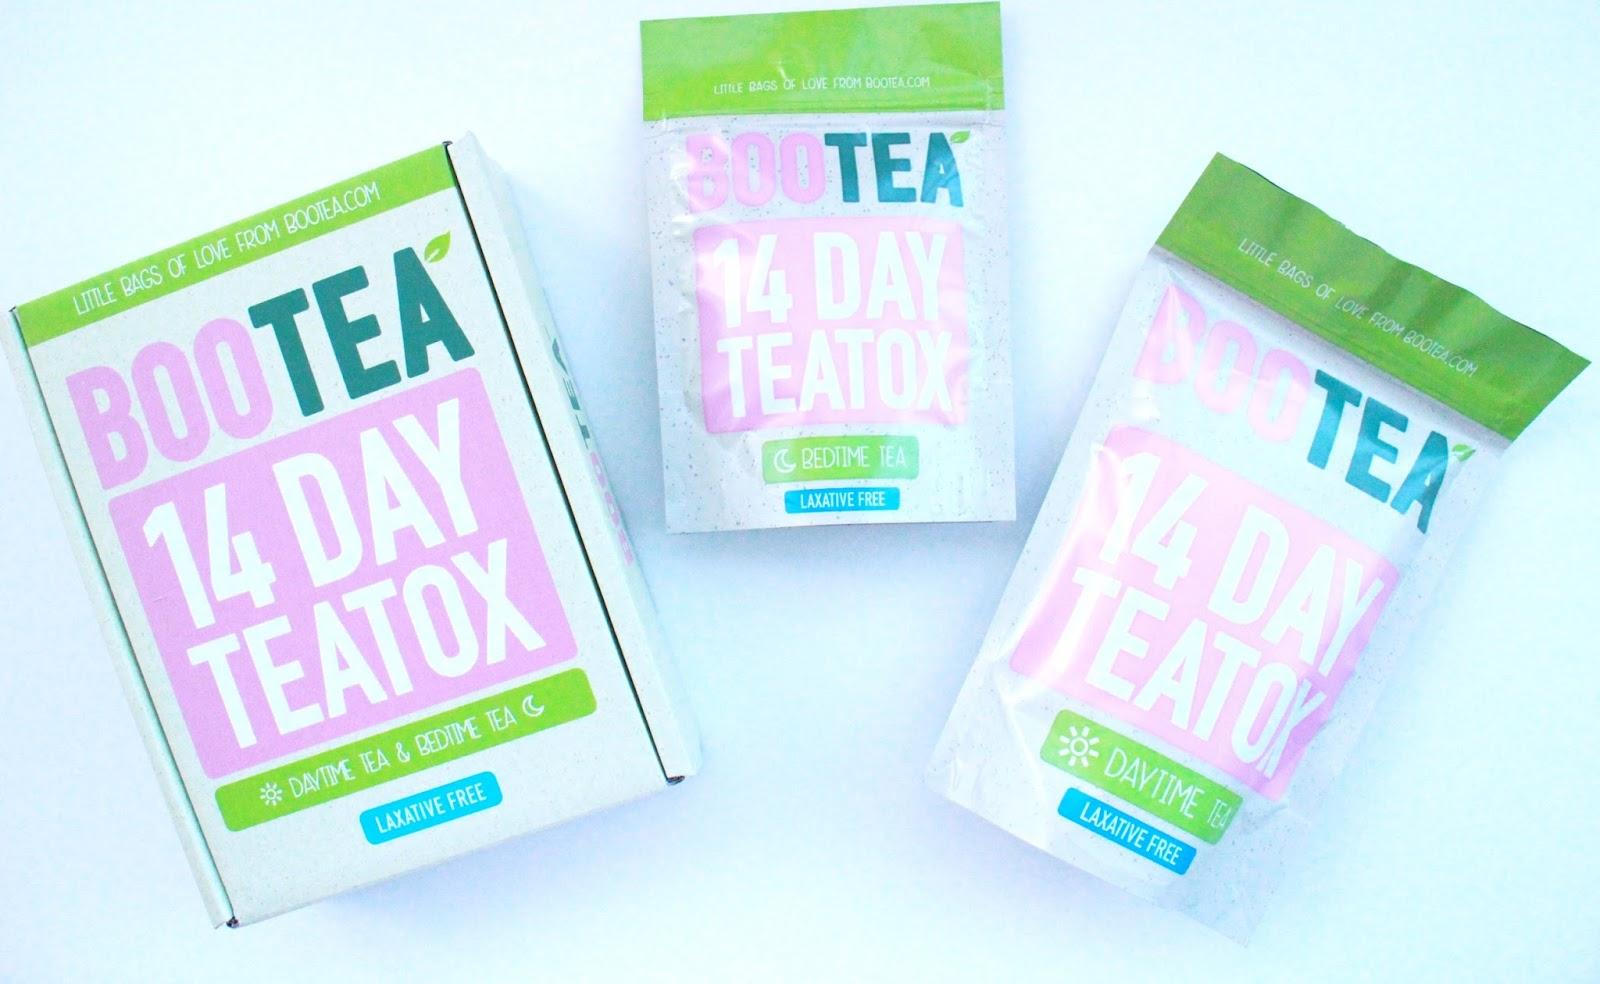 Ginger lemon green tea for weight loss